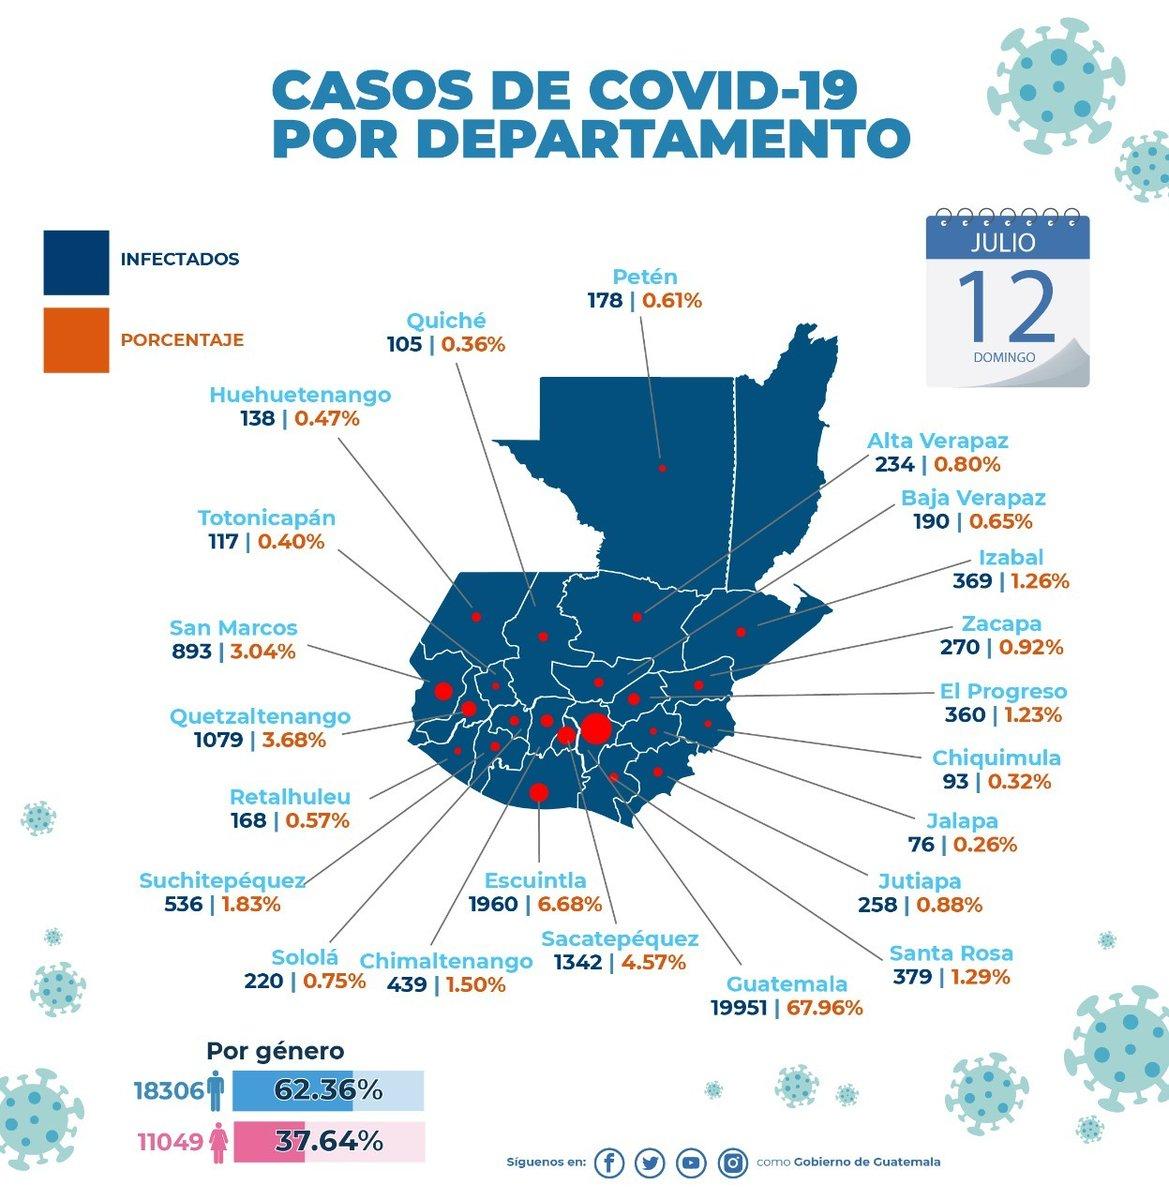 test Twitter Media - Gobierno comparte gráficas de la distribución de casos de Coronavirus COVID-19 en el país. https://t.co/JreisgAcPb